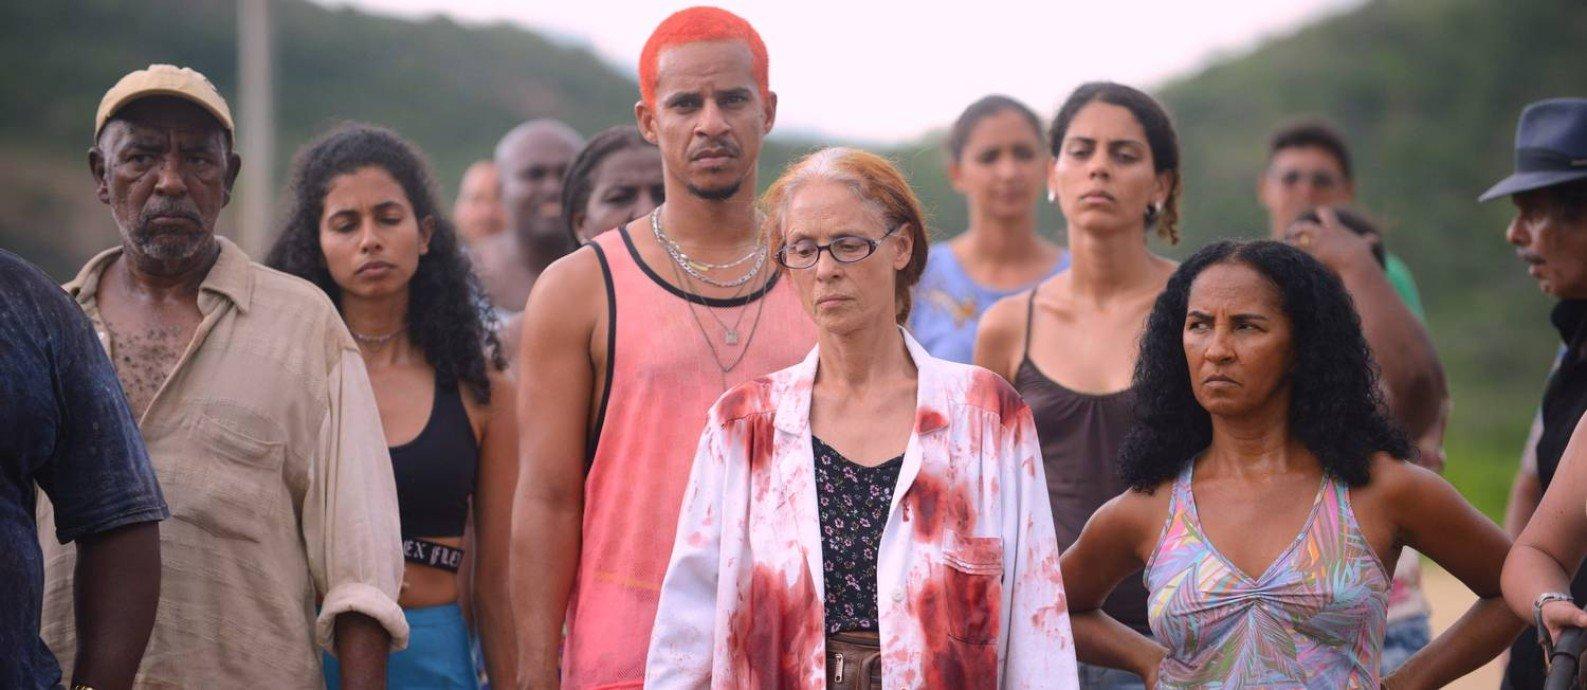 Bacurau, filme vencedor de Cannes, estreia nesta quinta no RN